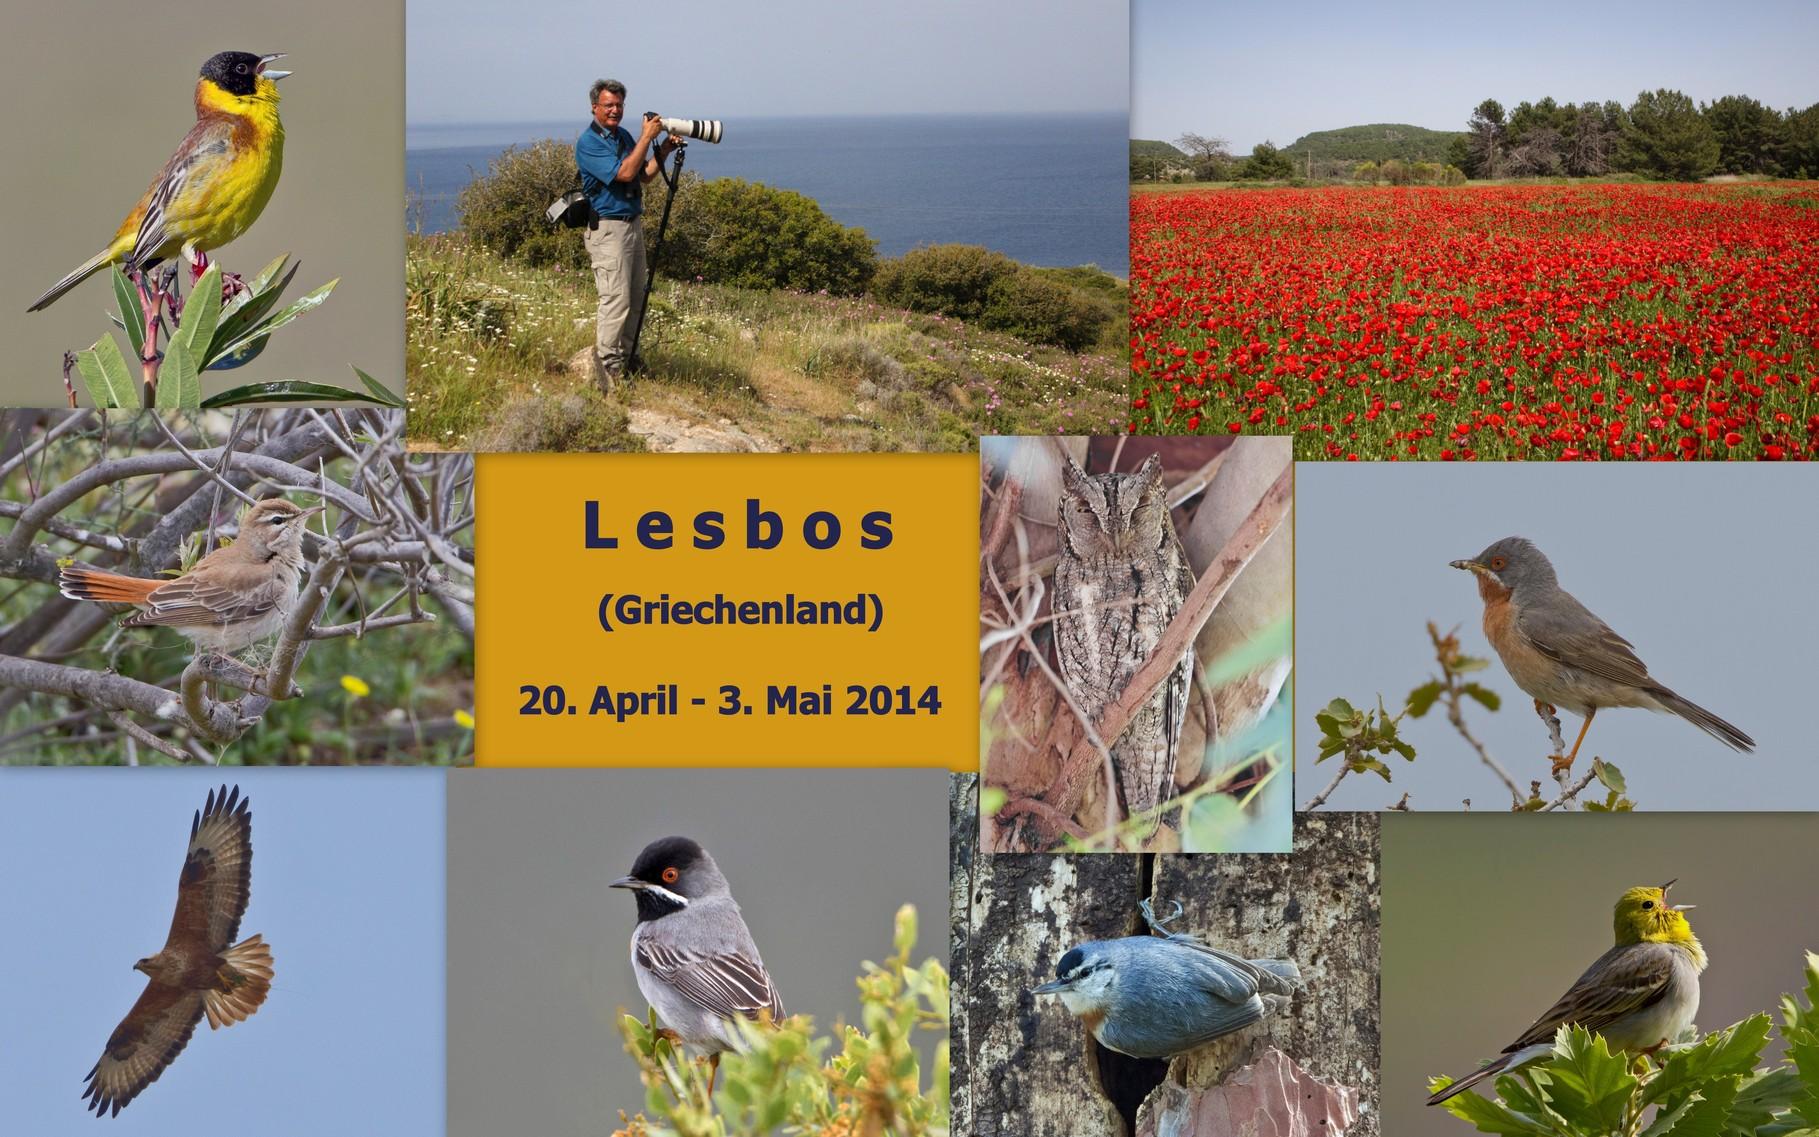 Starte die Bilder-Galerie unserer Lesbos-Reise im April/Mai 2014